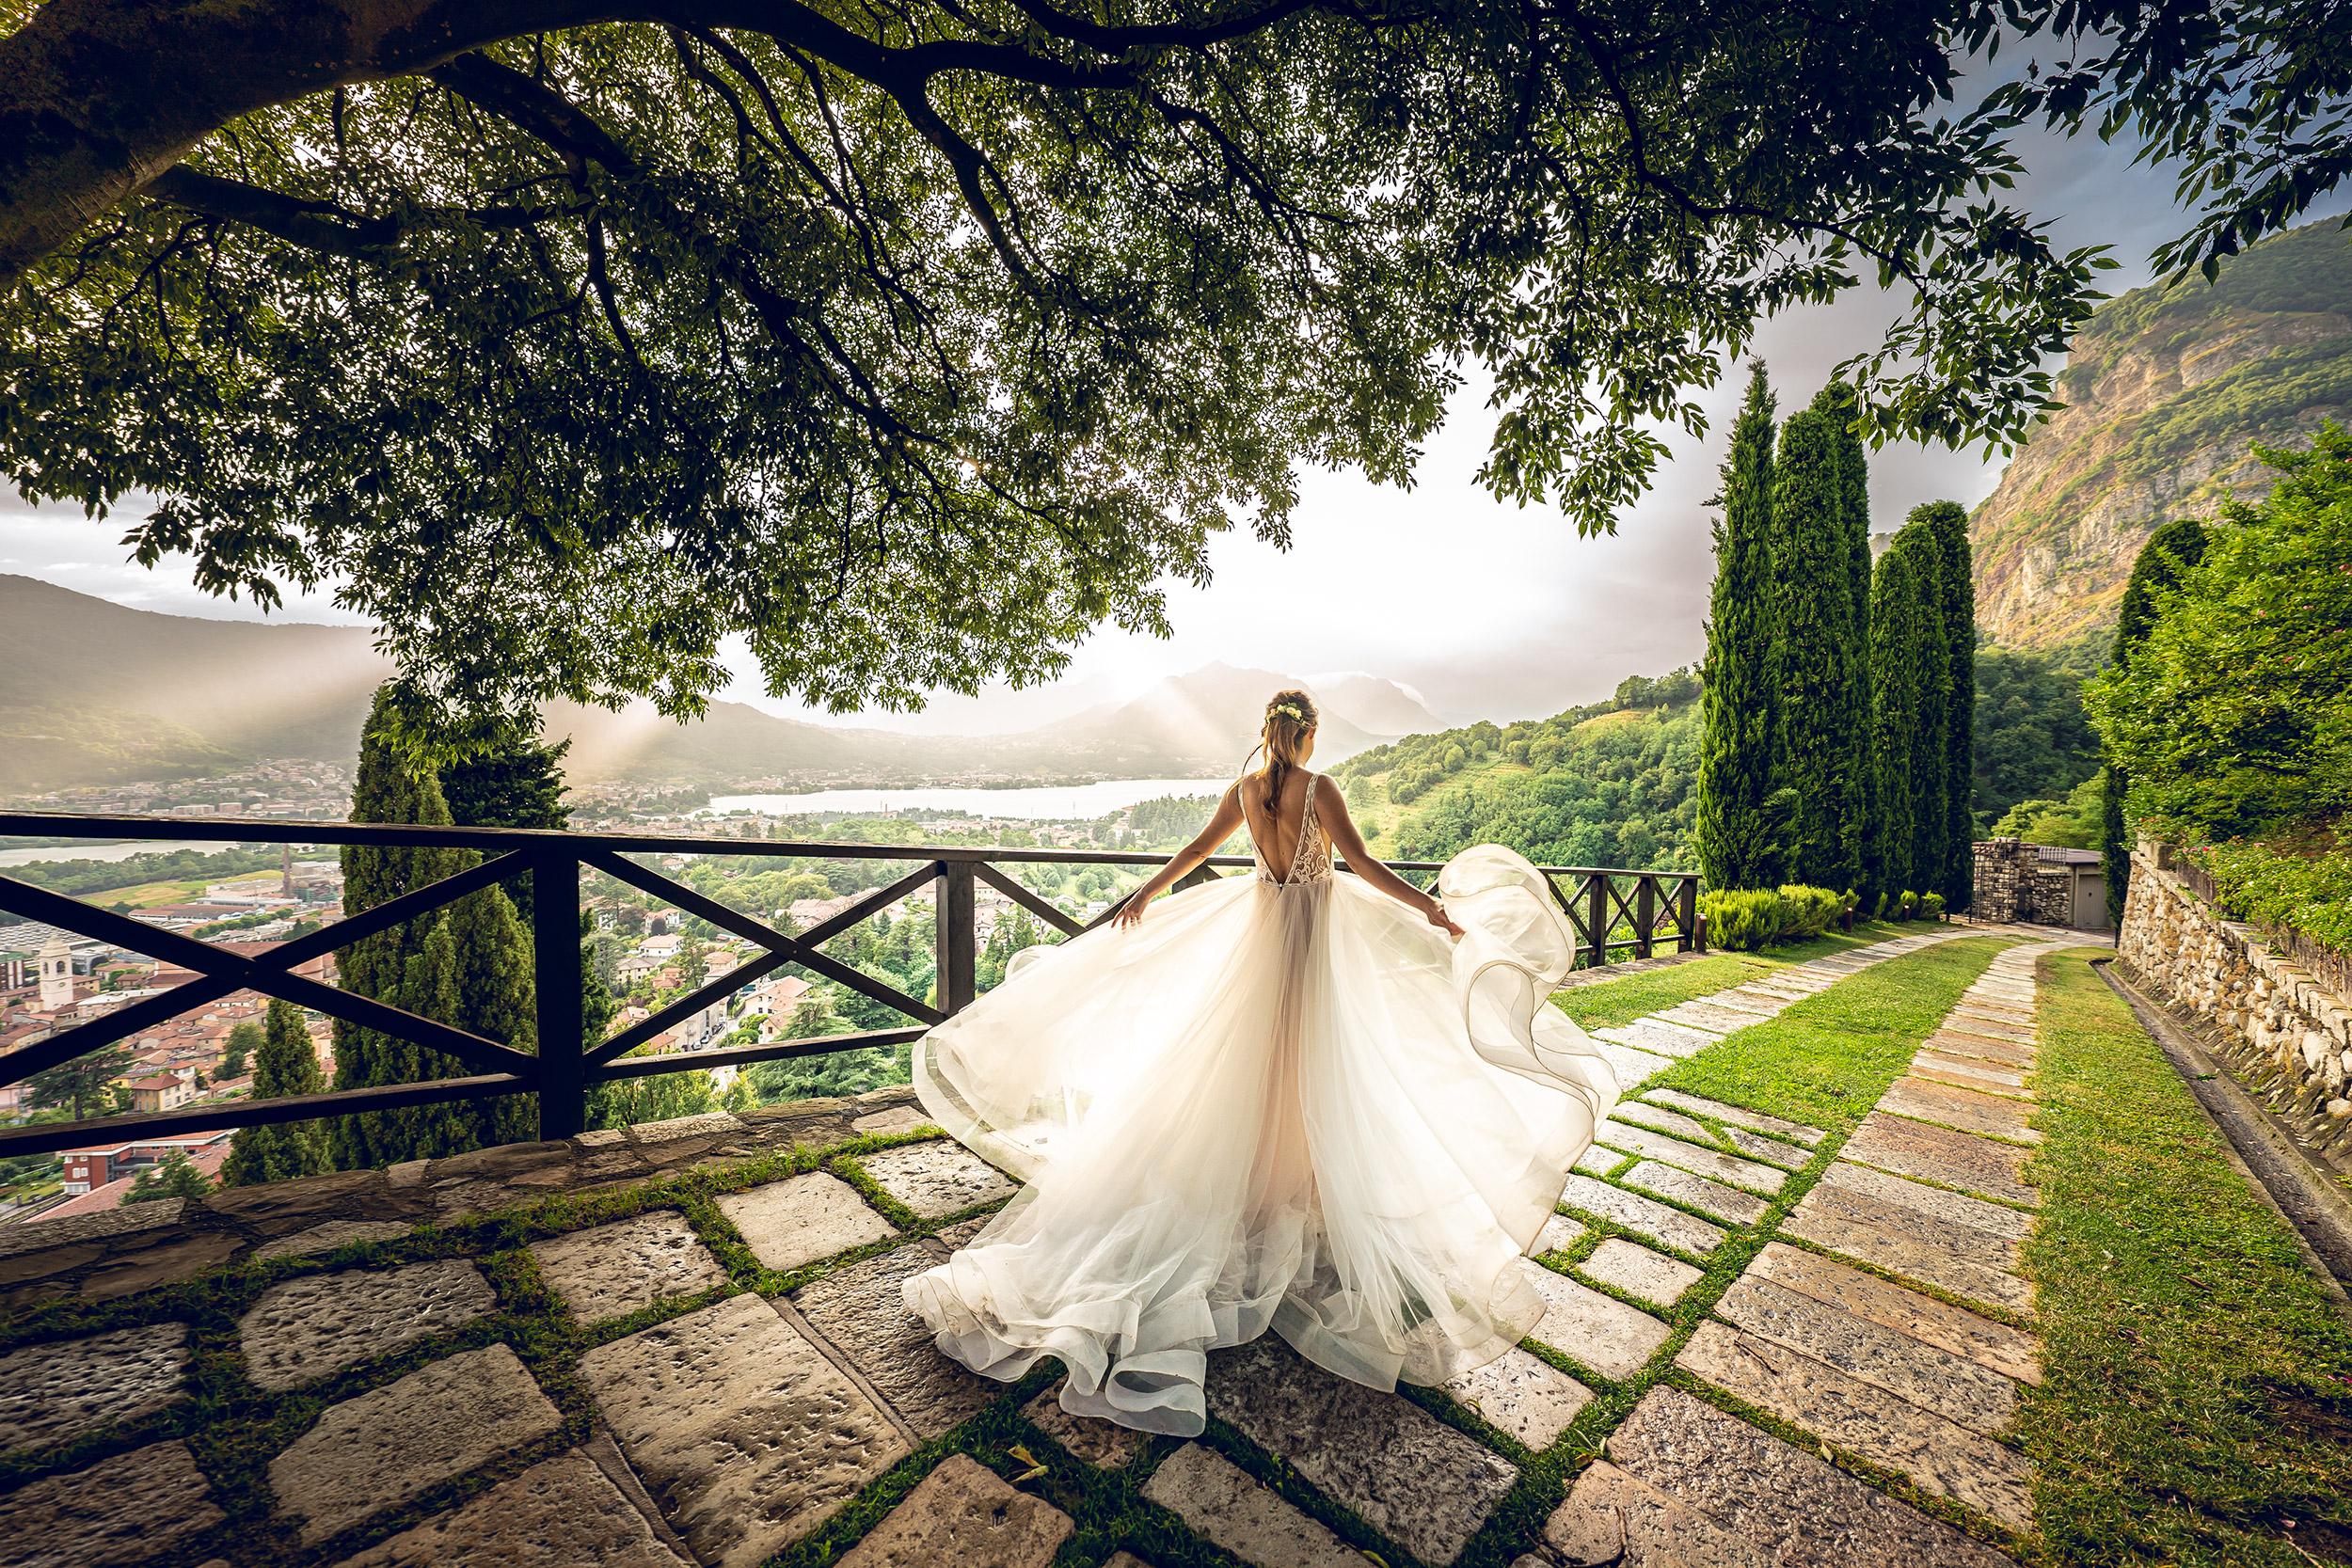 000 fotografo matrimonio reportage wedding ritratto sposi castello rossino calolziocorte lago como lecco 1